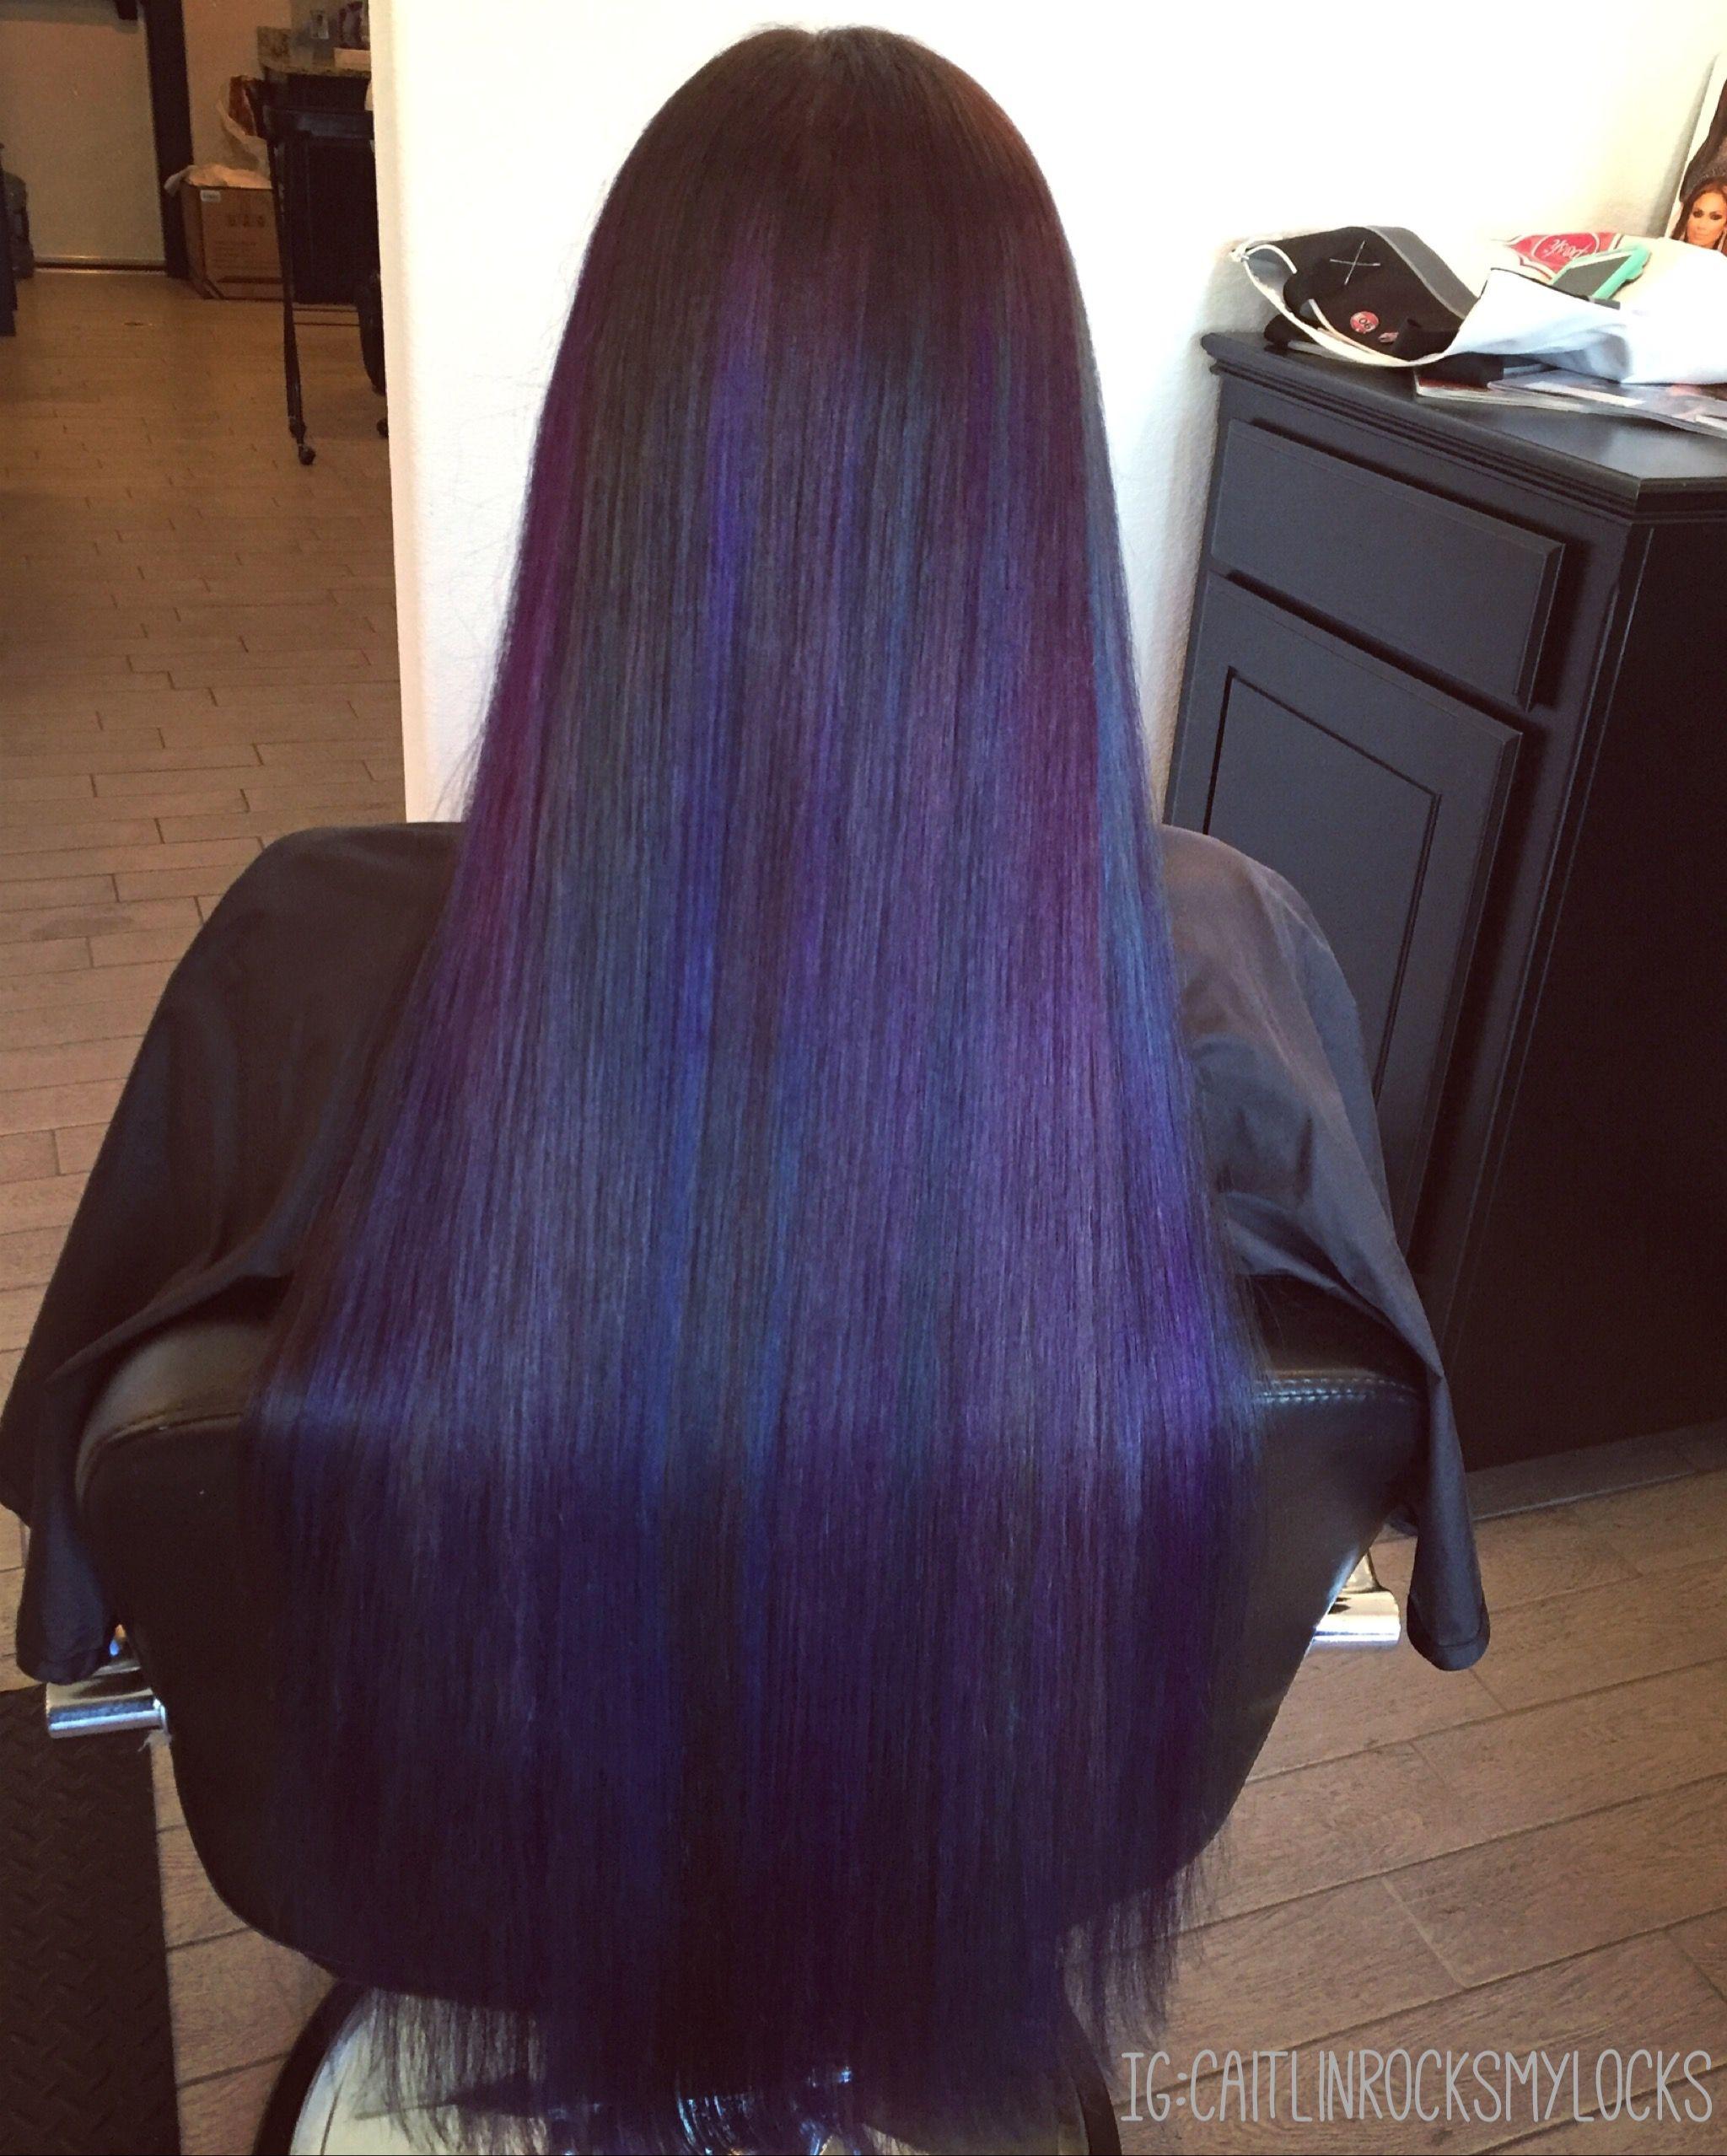 Purple Hair Blue Hair Galaxy Hair Peacock Hair Oil Slick Hair